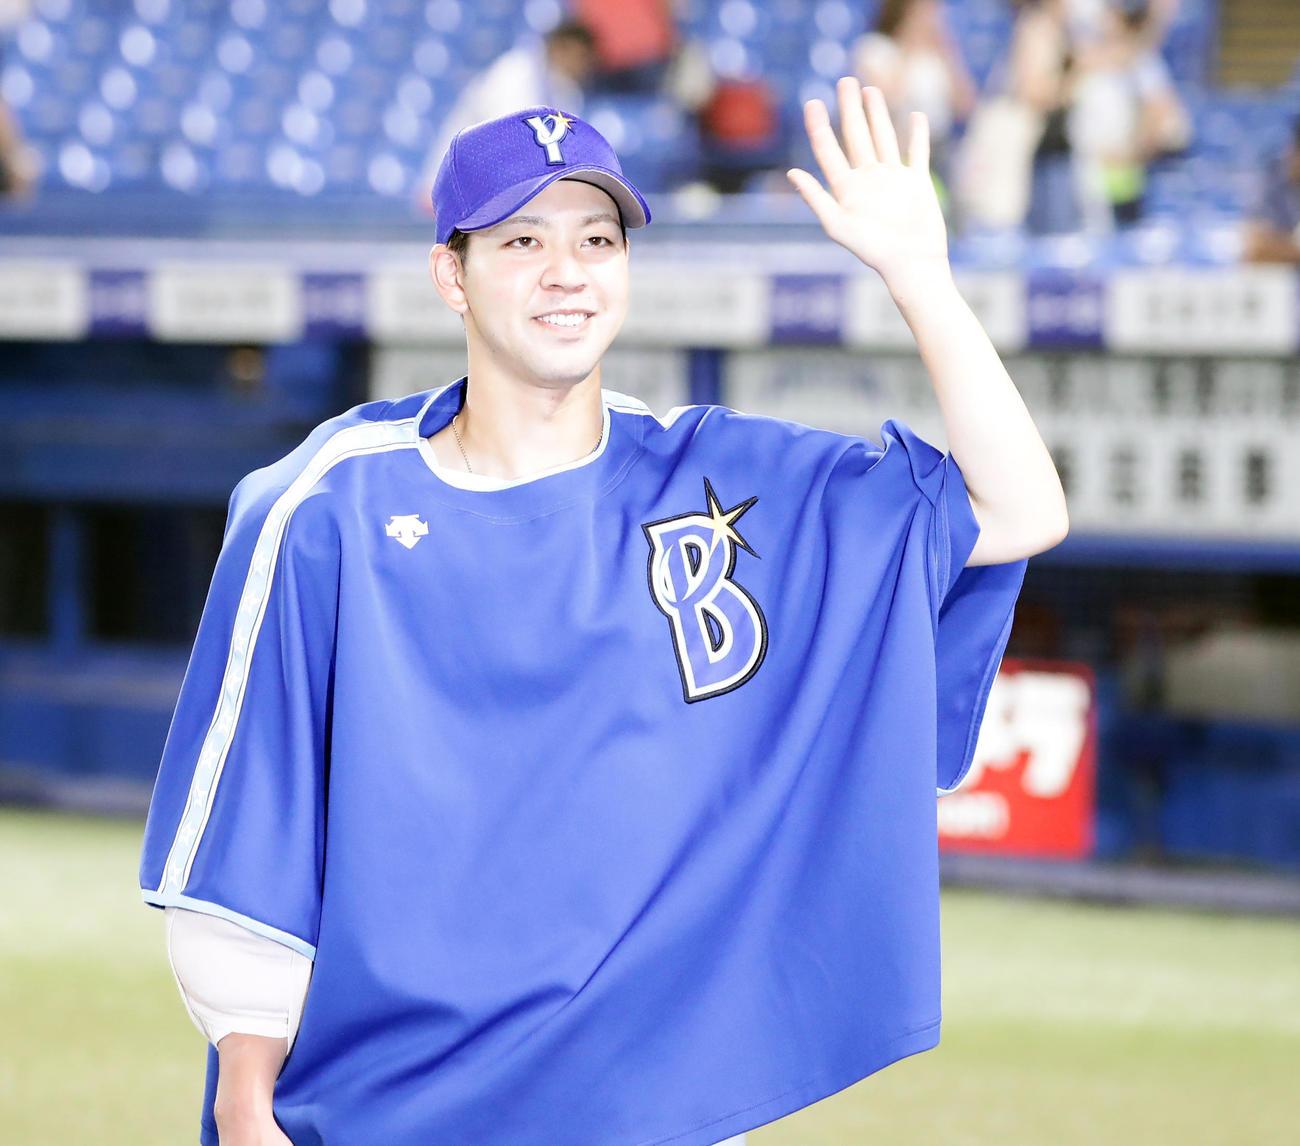 ヤクルト対DeNA 3勝目を挙げた平良は笑顔で手を振る(撮影・浅見桂子)